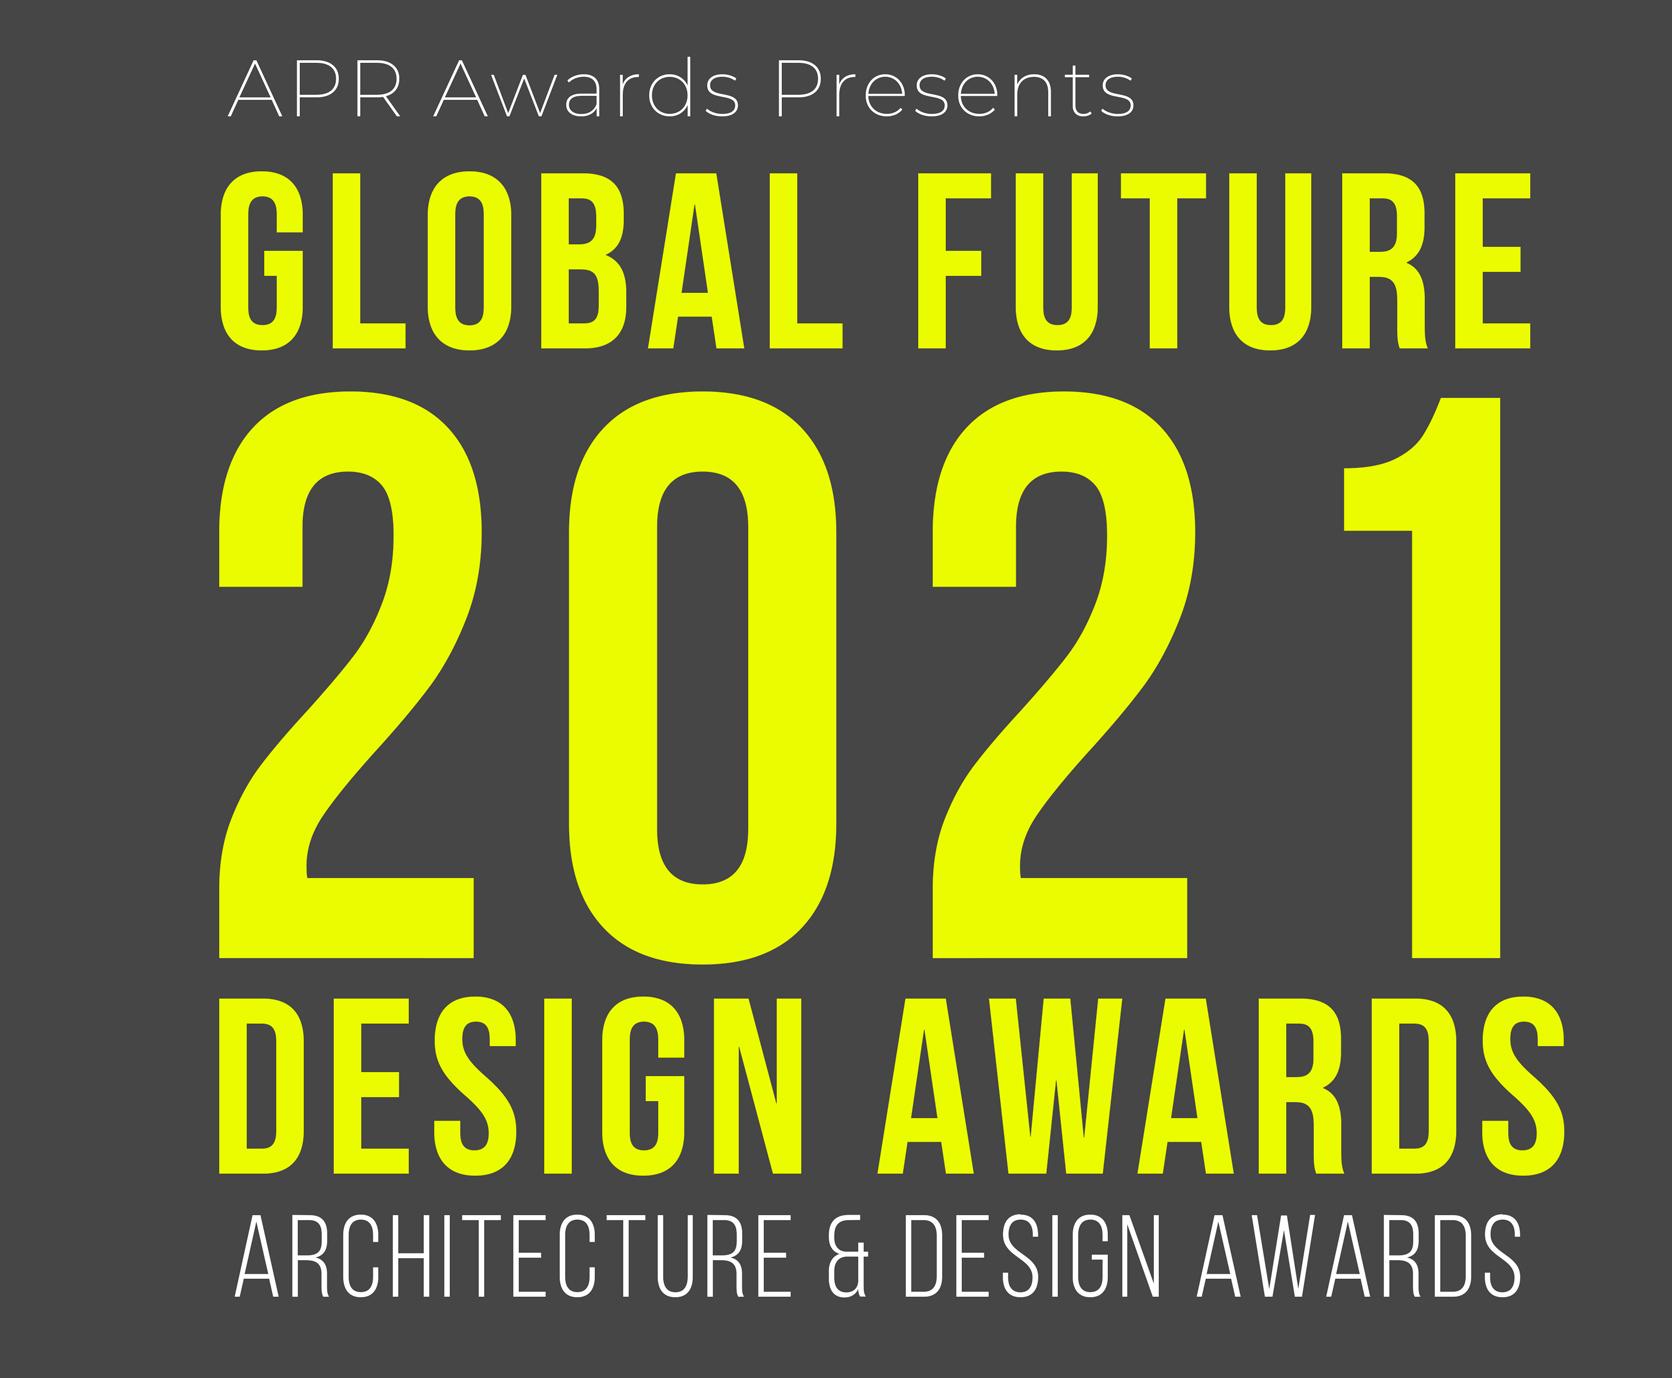 GFD Awards 2021